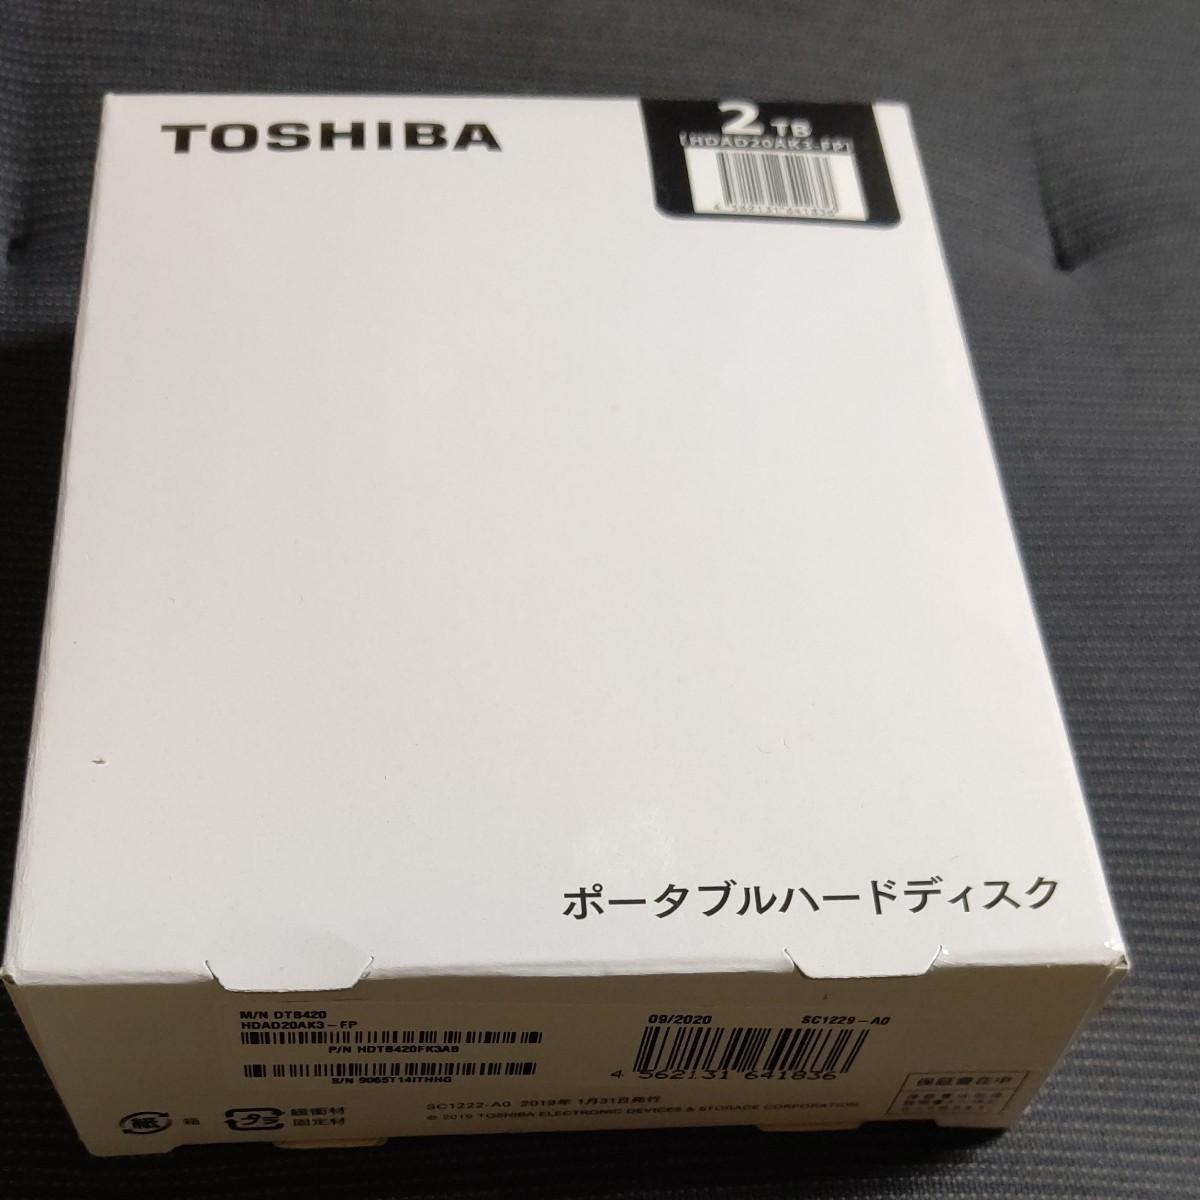 HDAD20AK3-FP Toshiba 2TB 外付けハードディスク